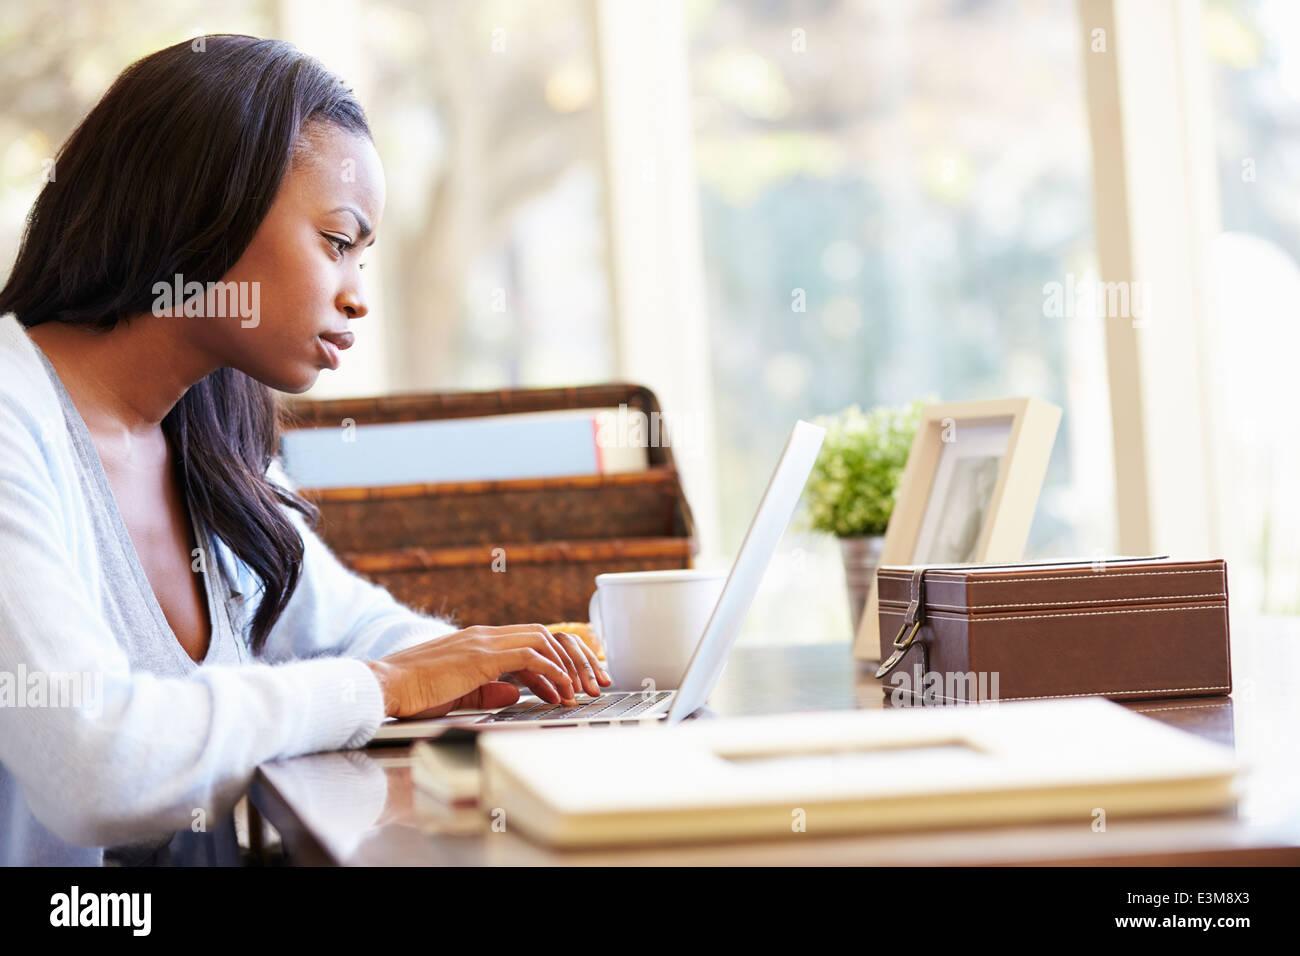 Femme à l'aide d'un ordinateur portable sur un bureau à la maison Photo Stock